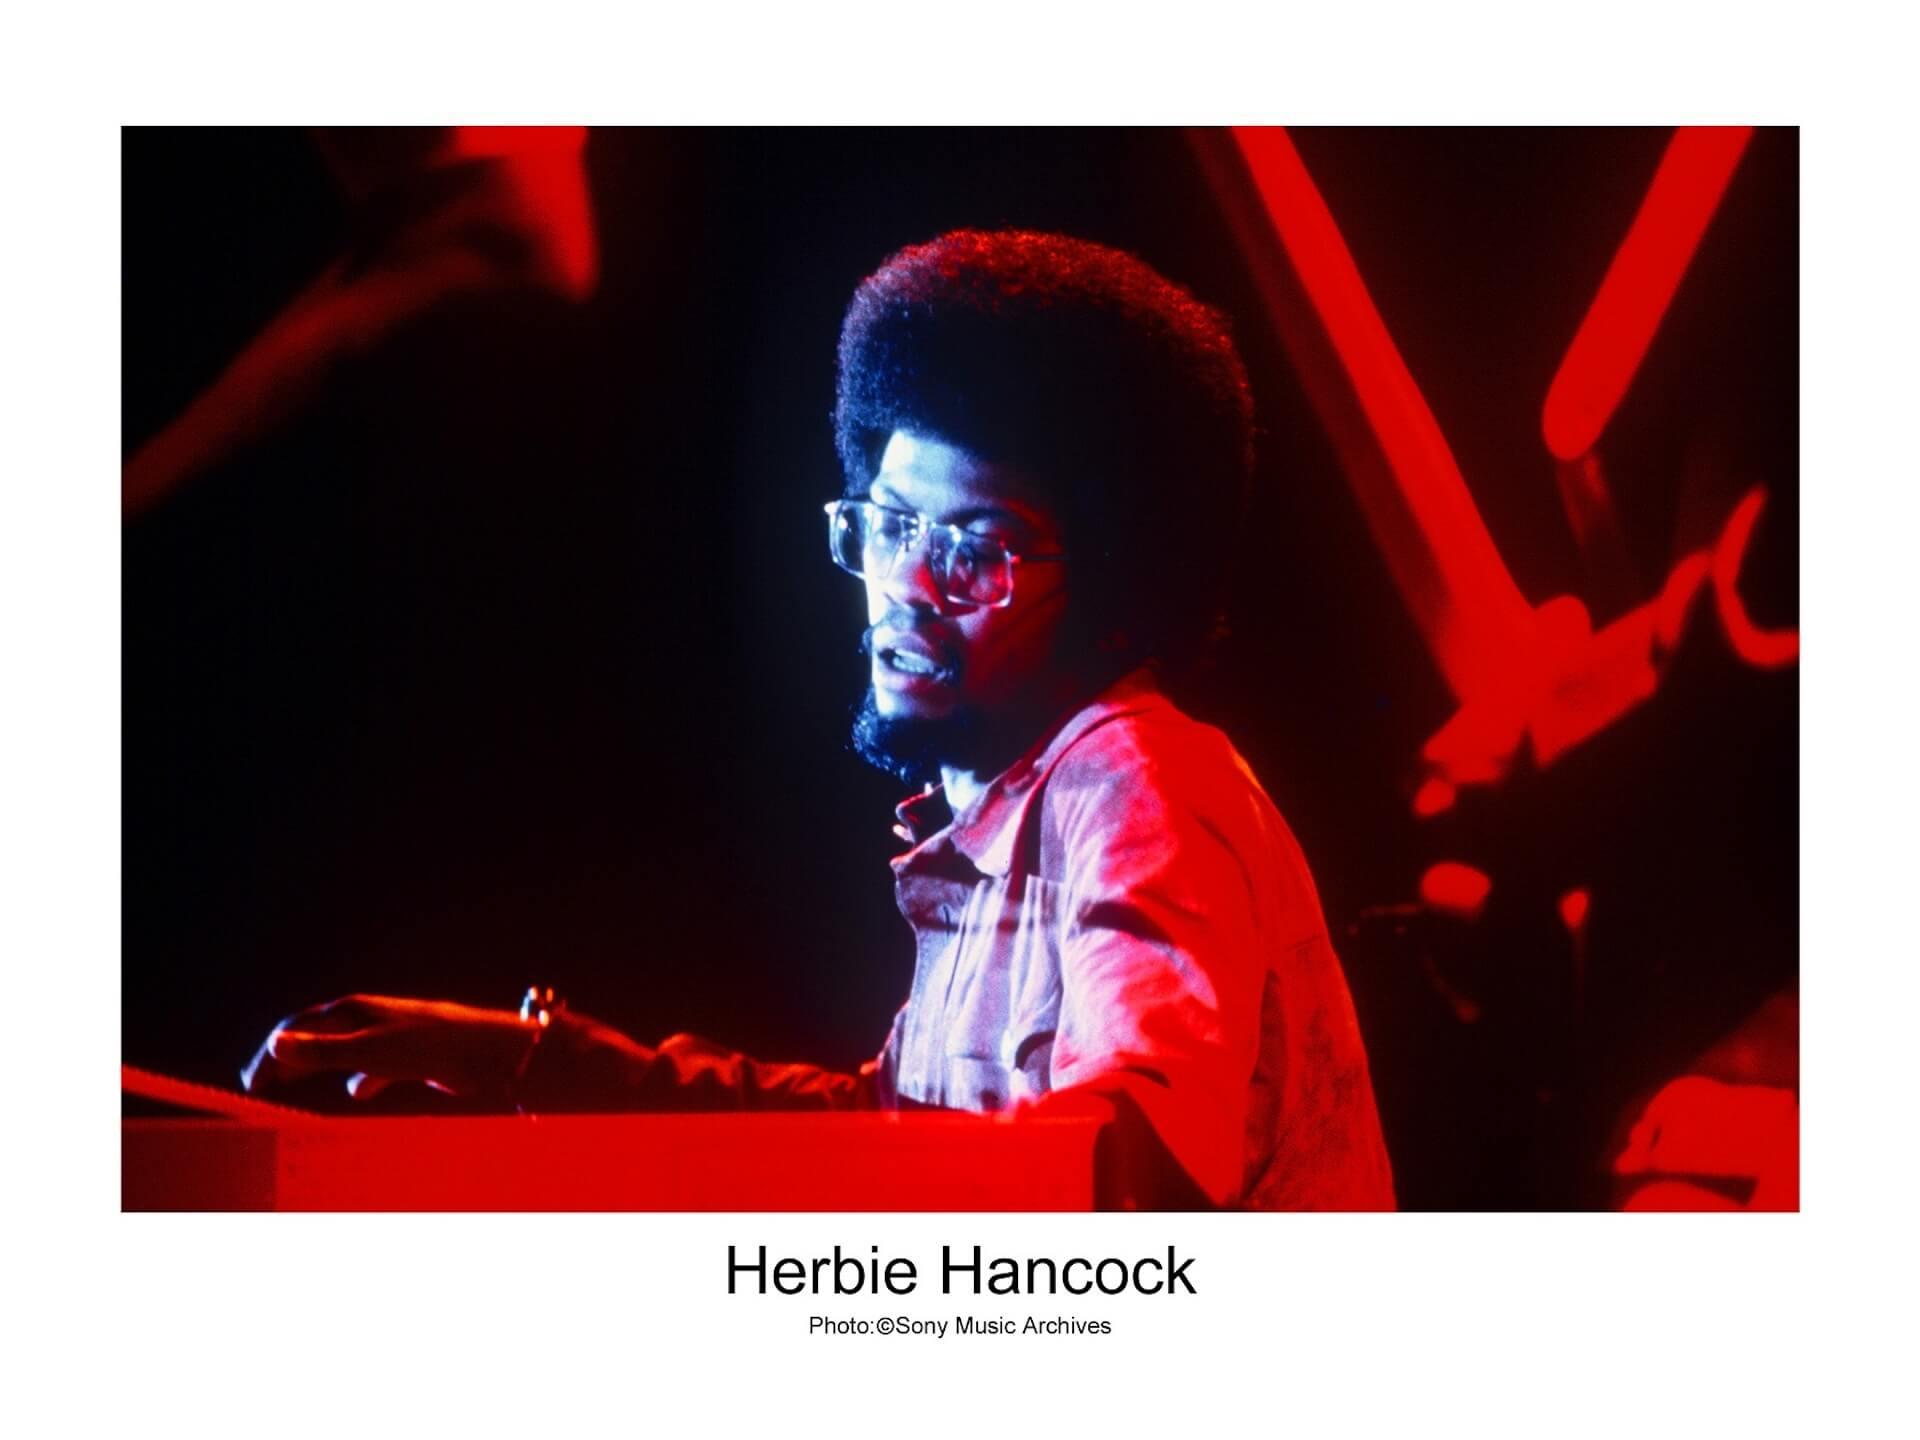 Thundercatの作品にも参加したHerbie Hancockの超名盤『ヘッド・ハンターズ』がSA-CDマルチハイブリッド盤でリリース決定! music200721_herbiehancock_2